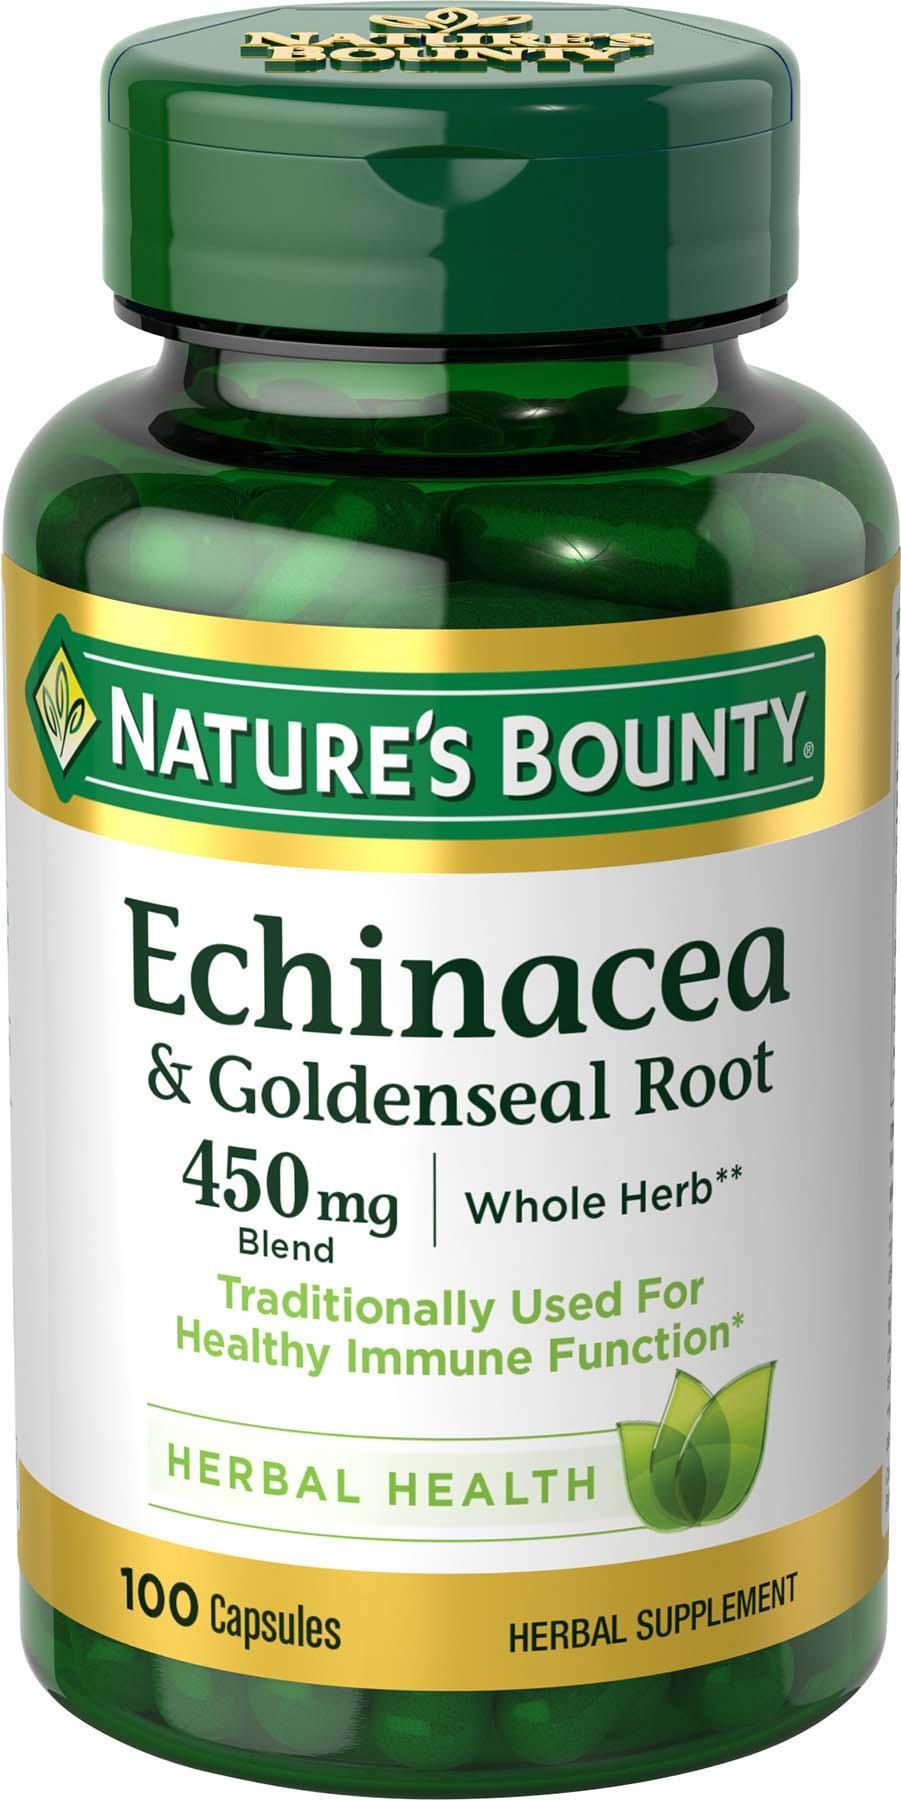 How to Take Echinacea Pills advise